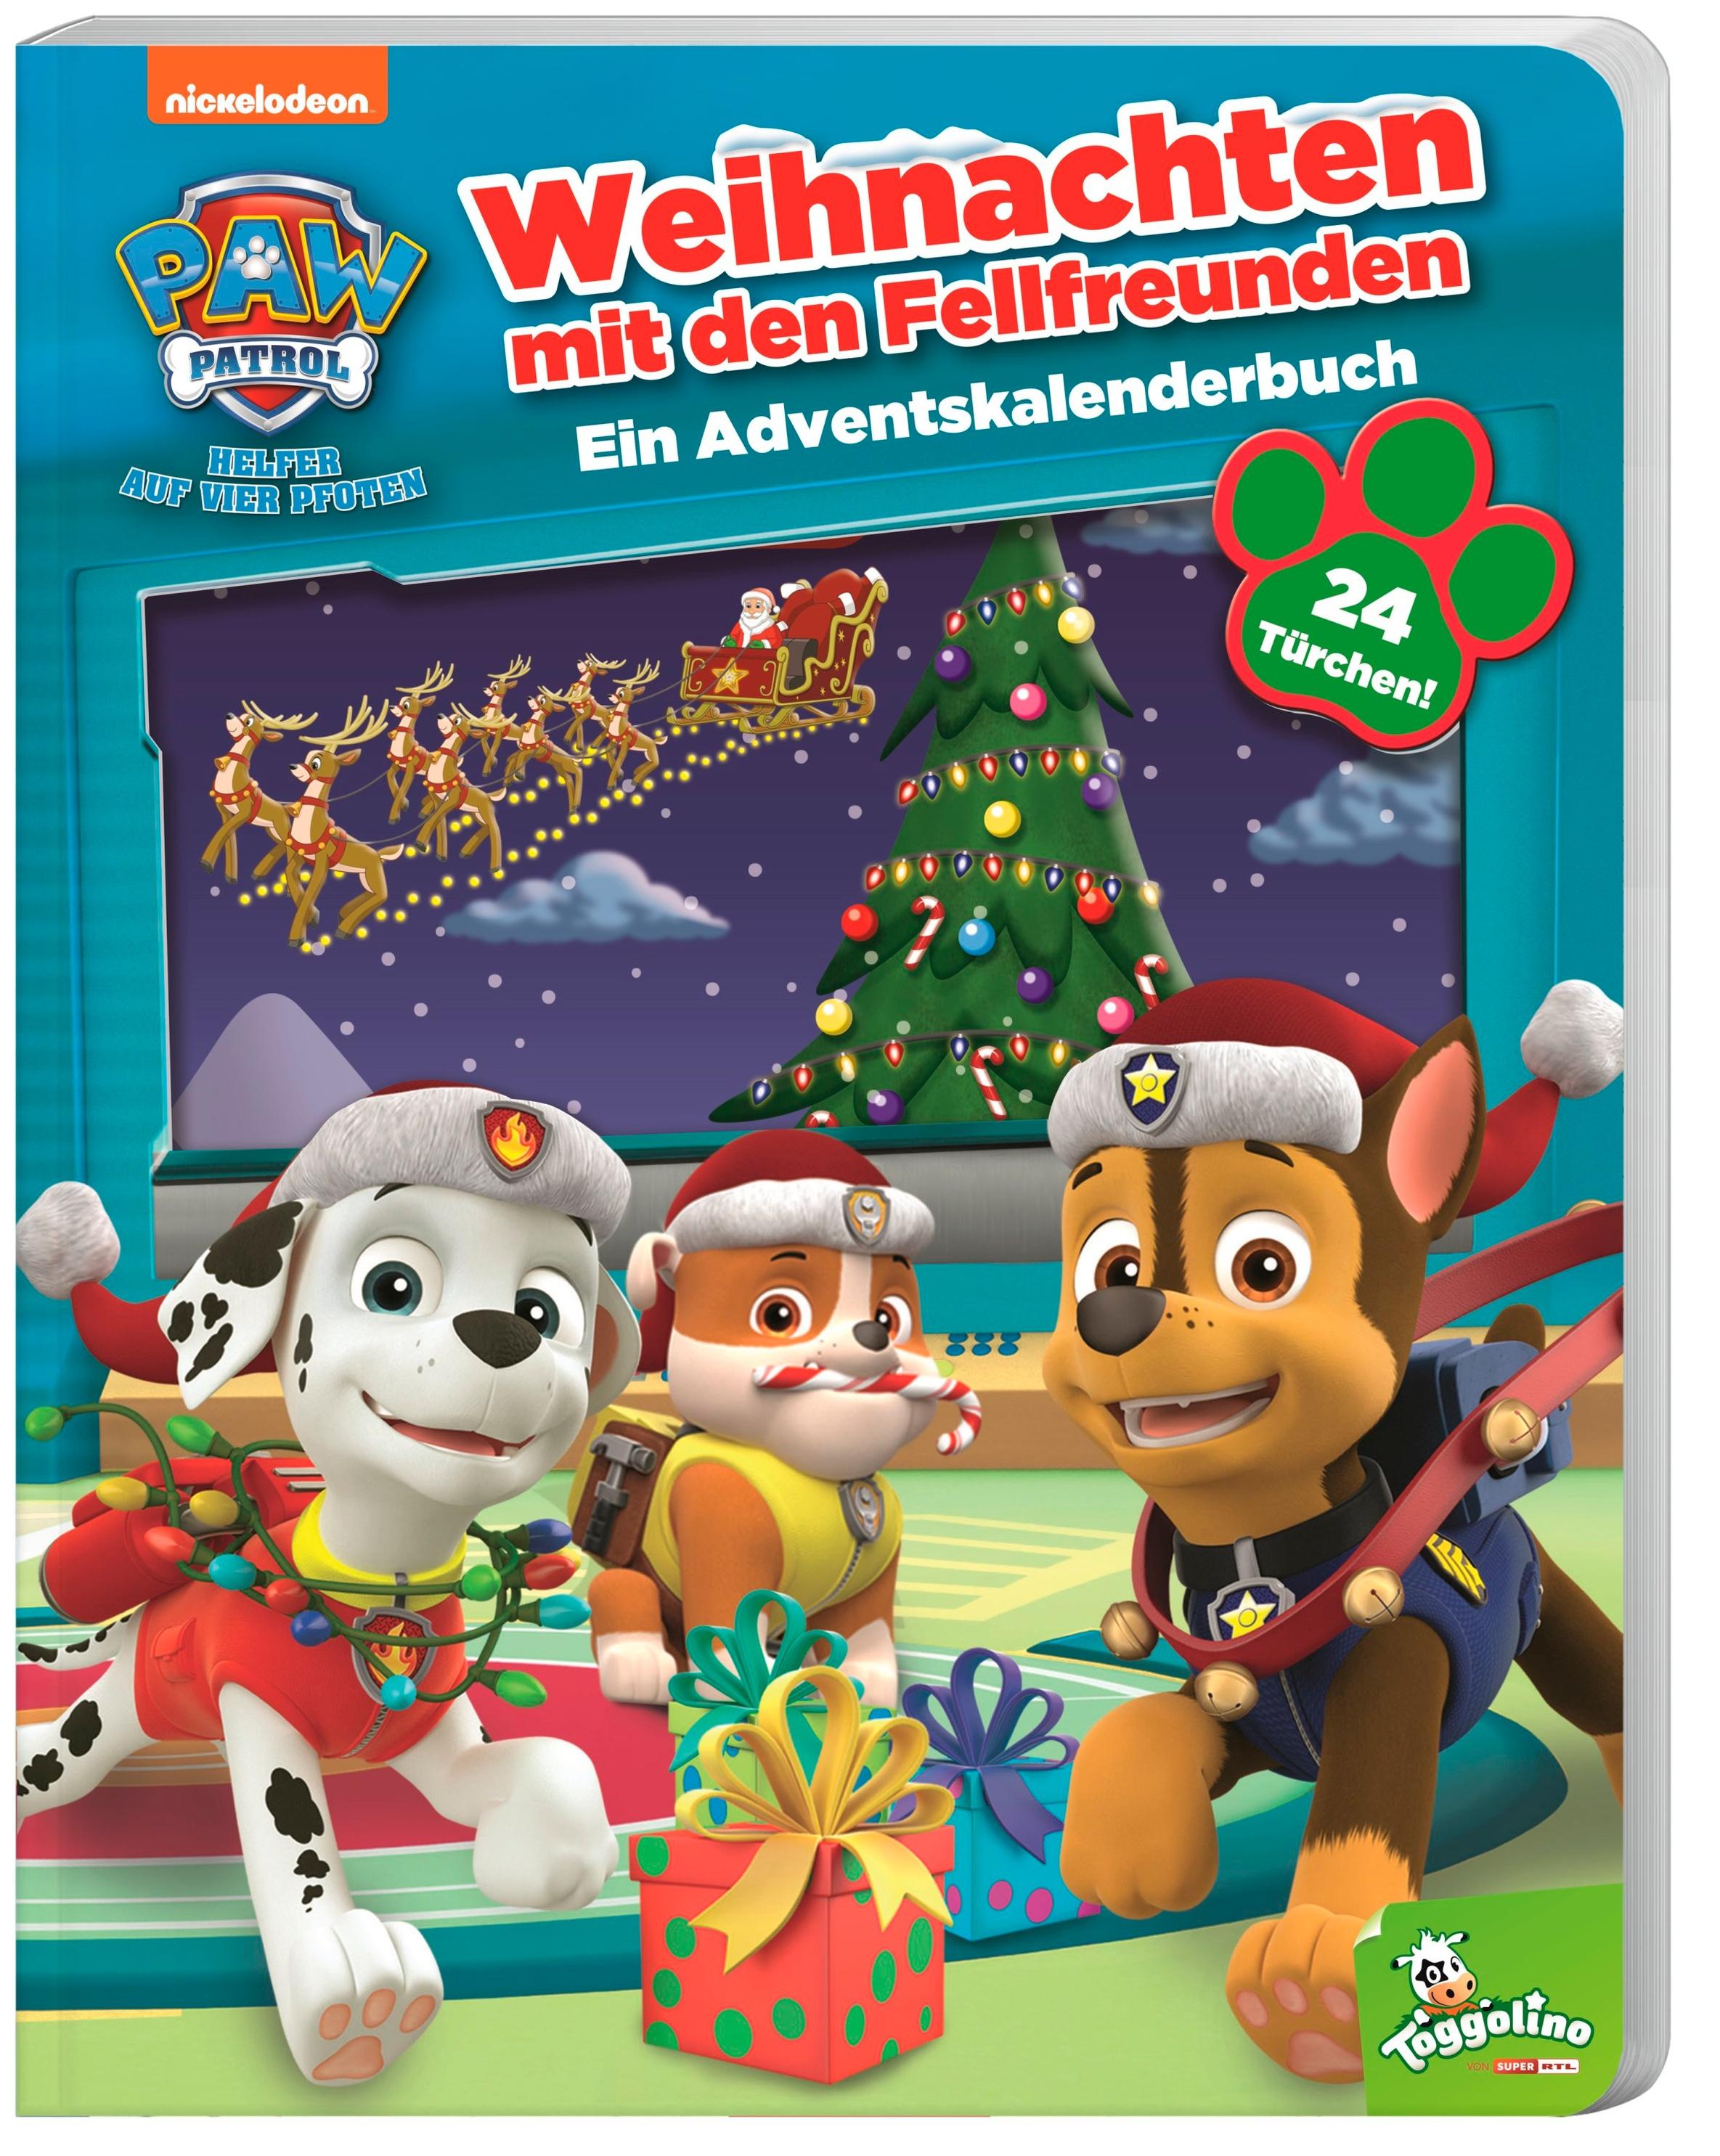 paw patrol weihnachten mit den fellfreunden  ein